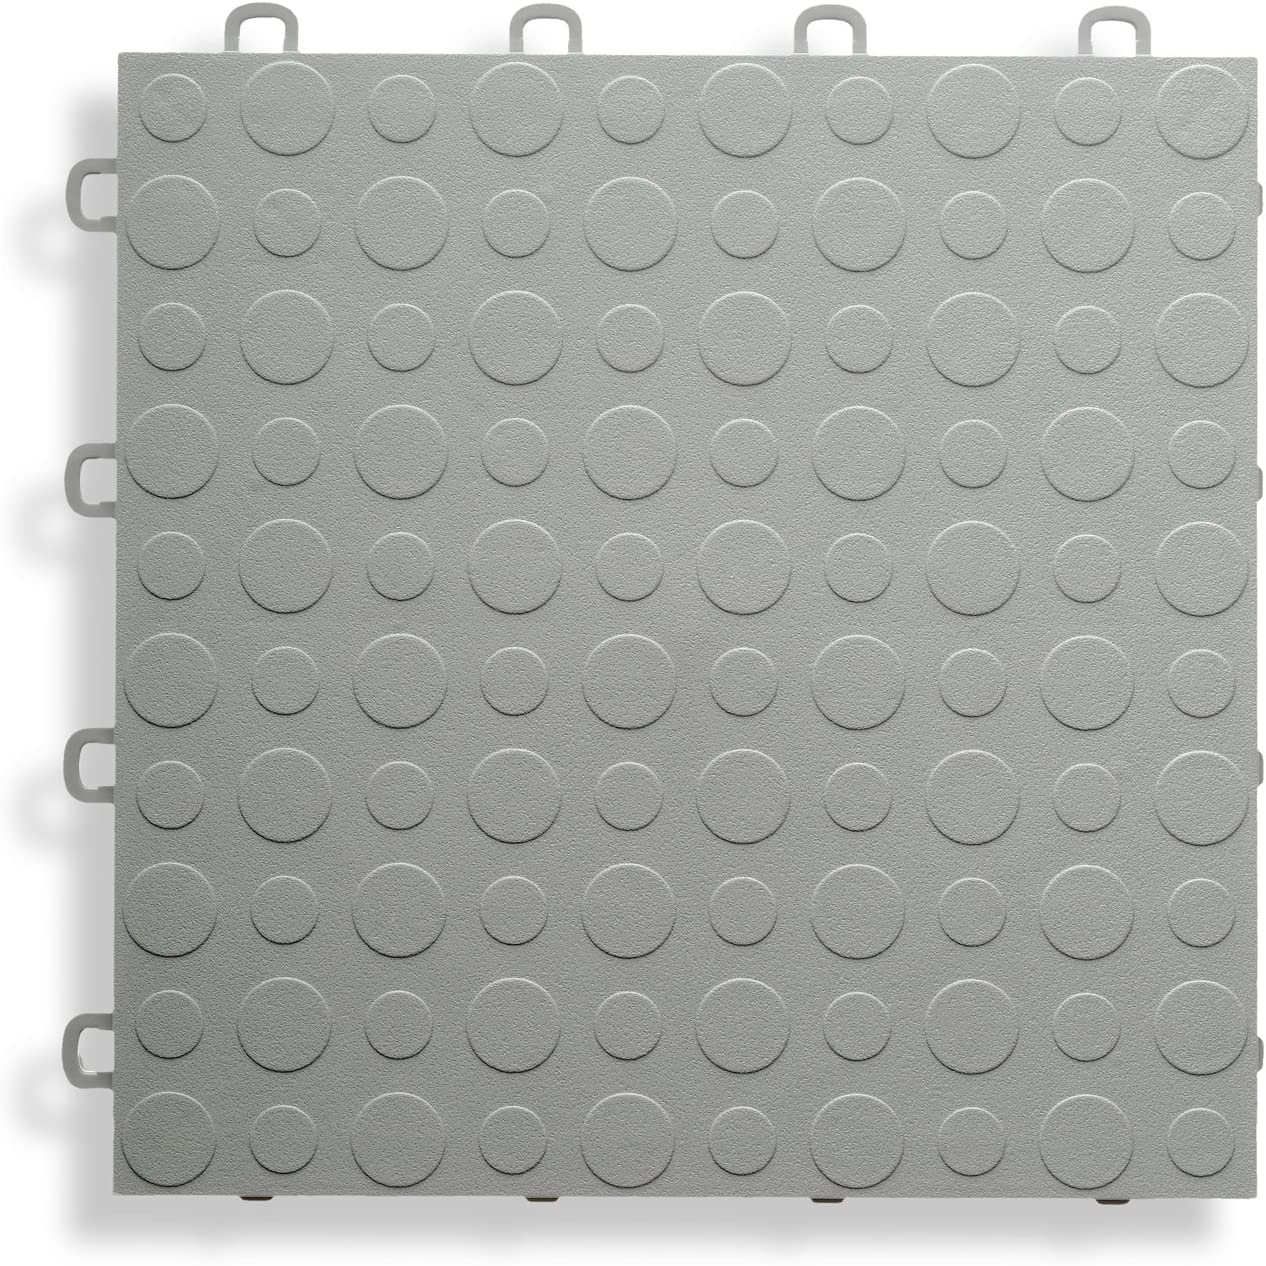 Coin Top 30 Pack MODUTILE Interlocking Modular Garage Flooring Tile Gray